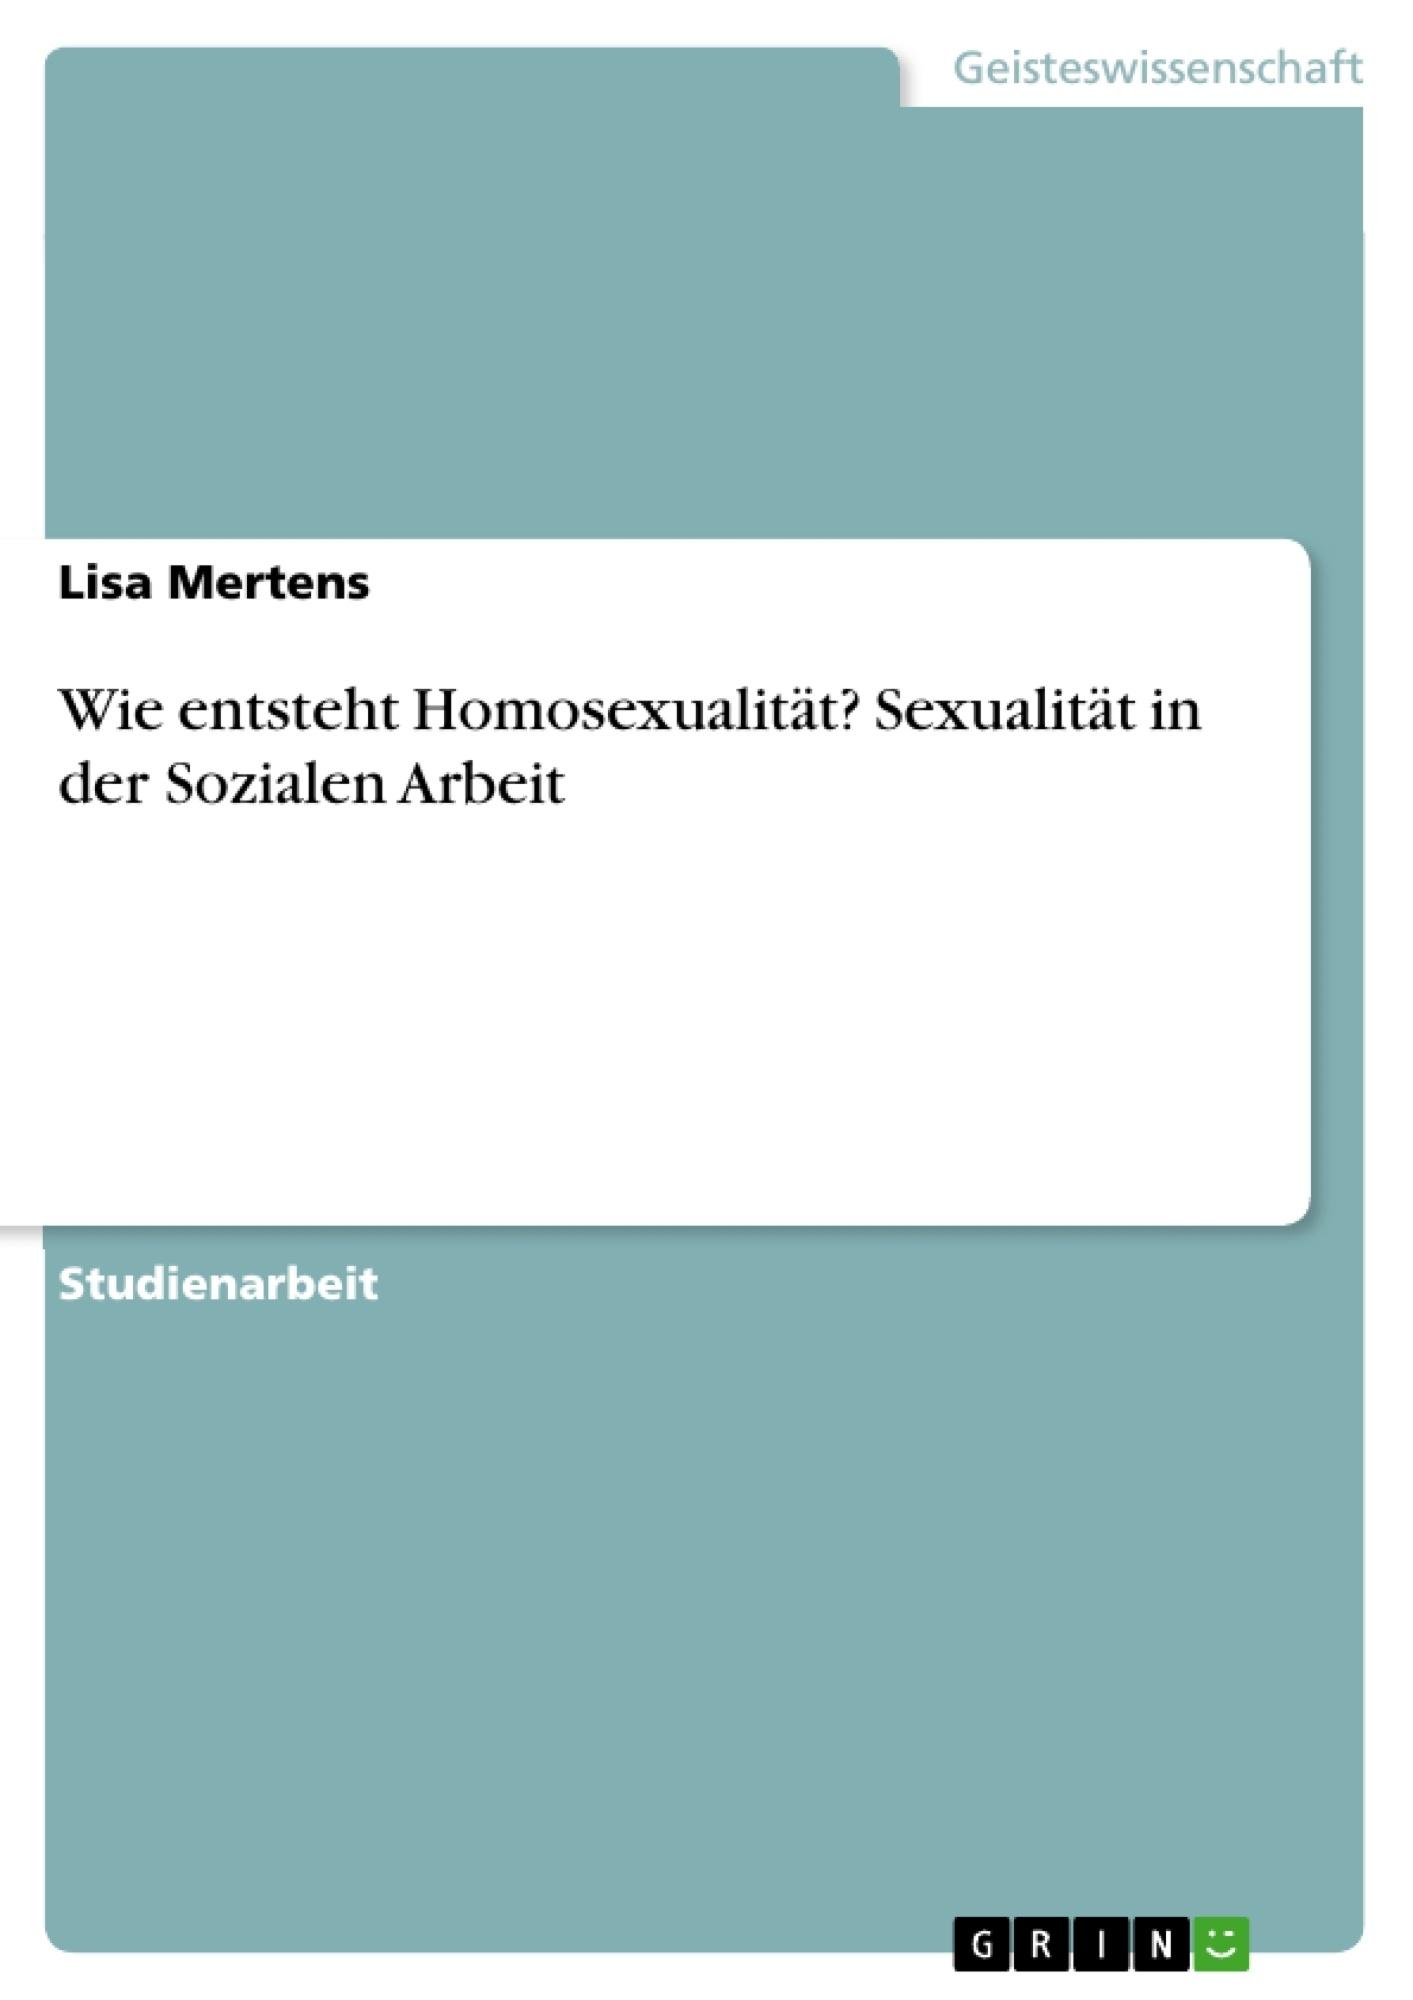 Titel: Wie entsteht Homosexualität? Sexualität in der Sozialen Arbeit